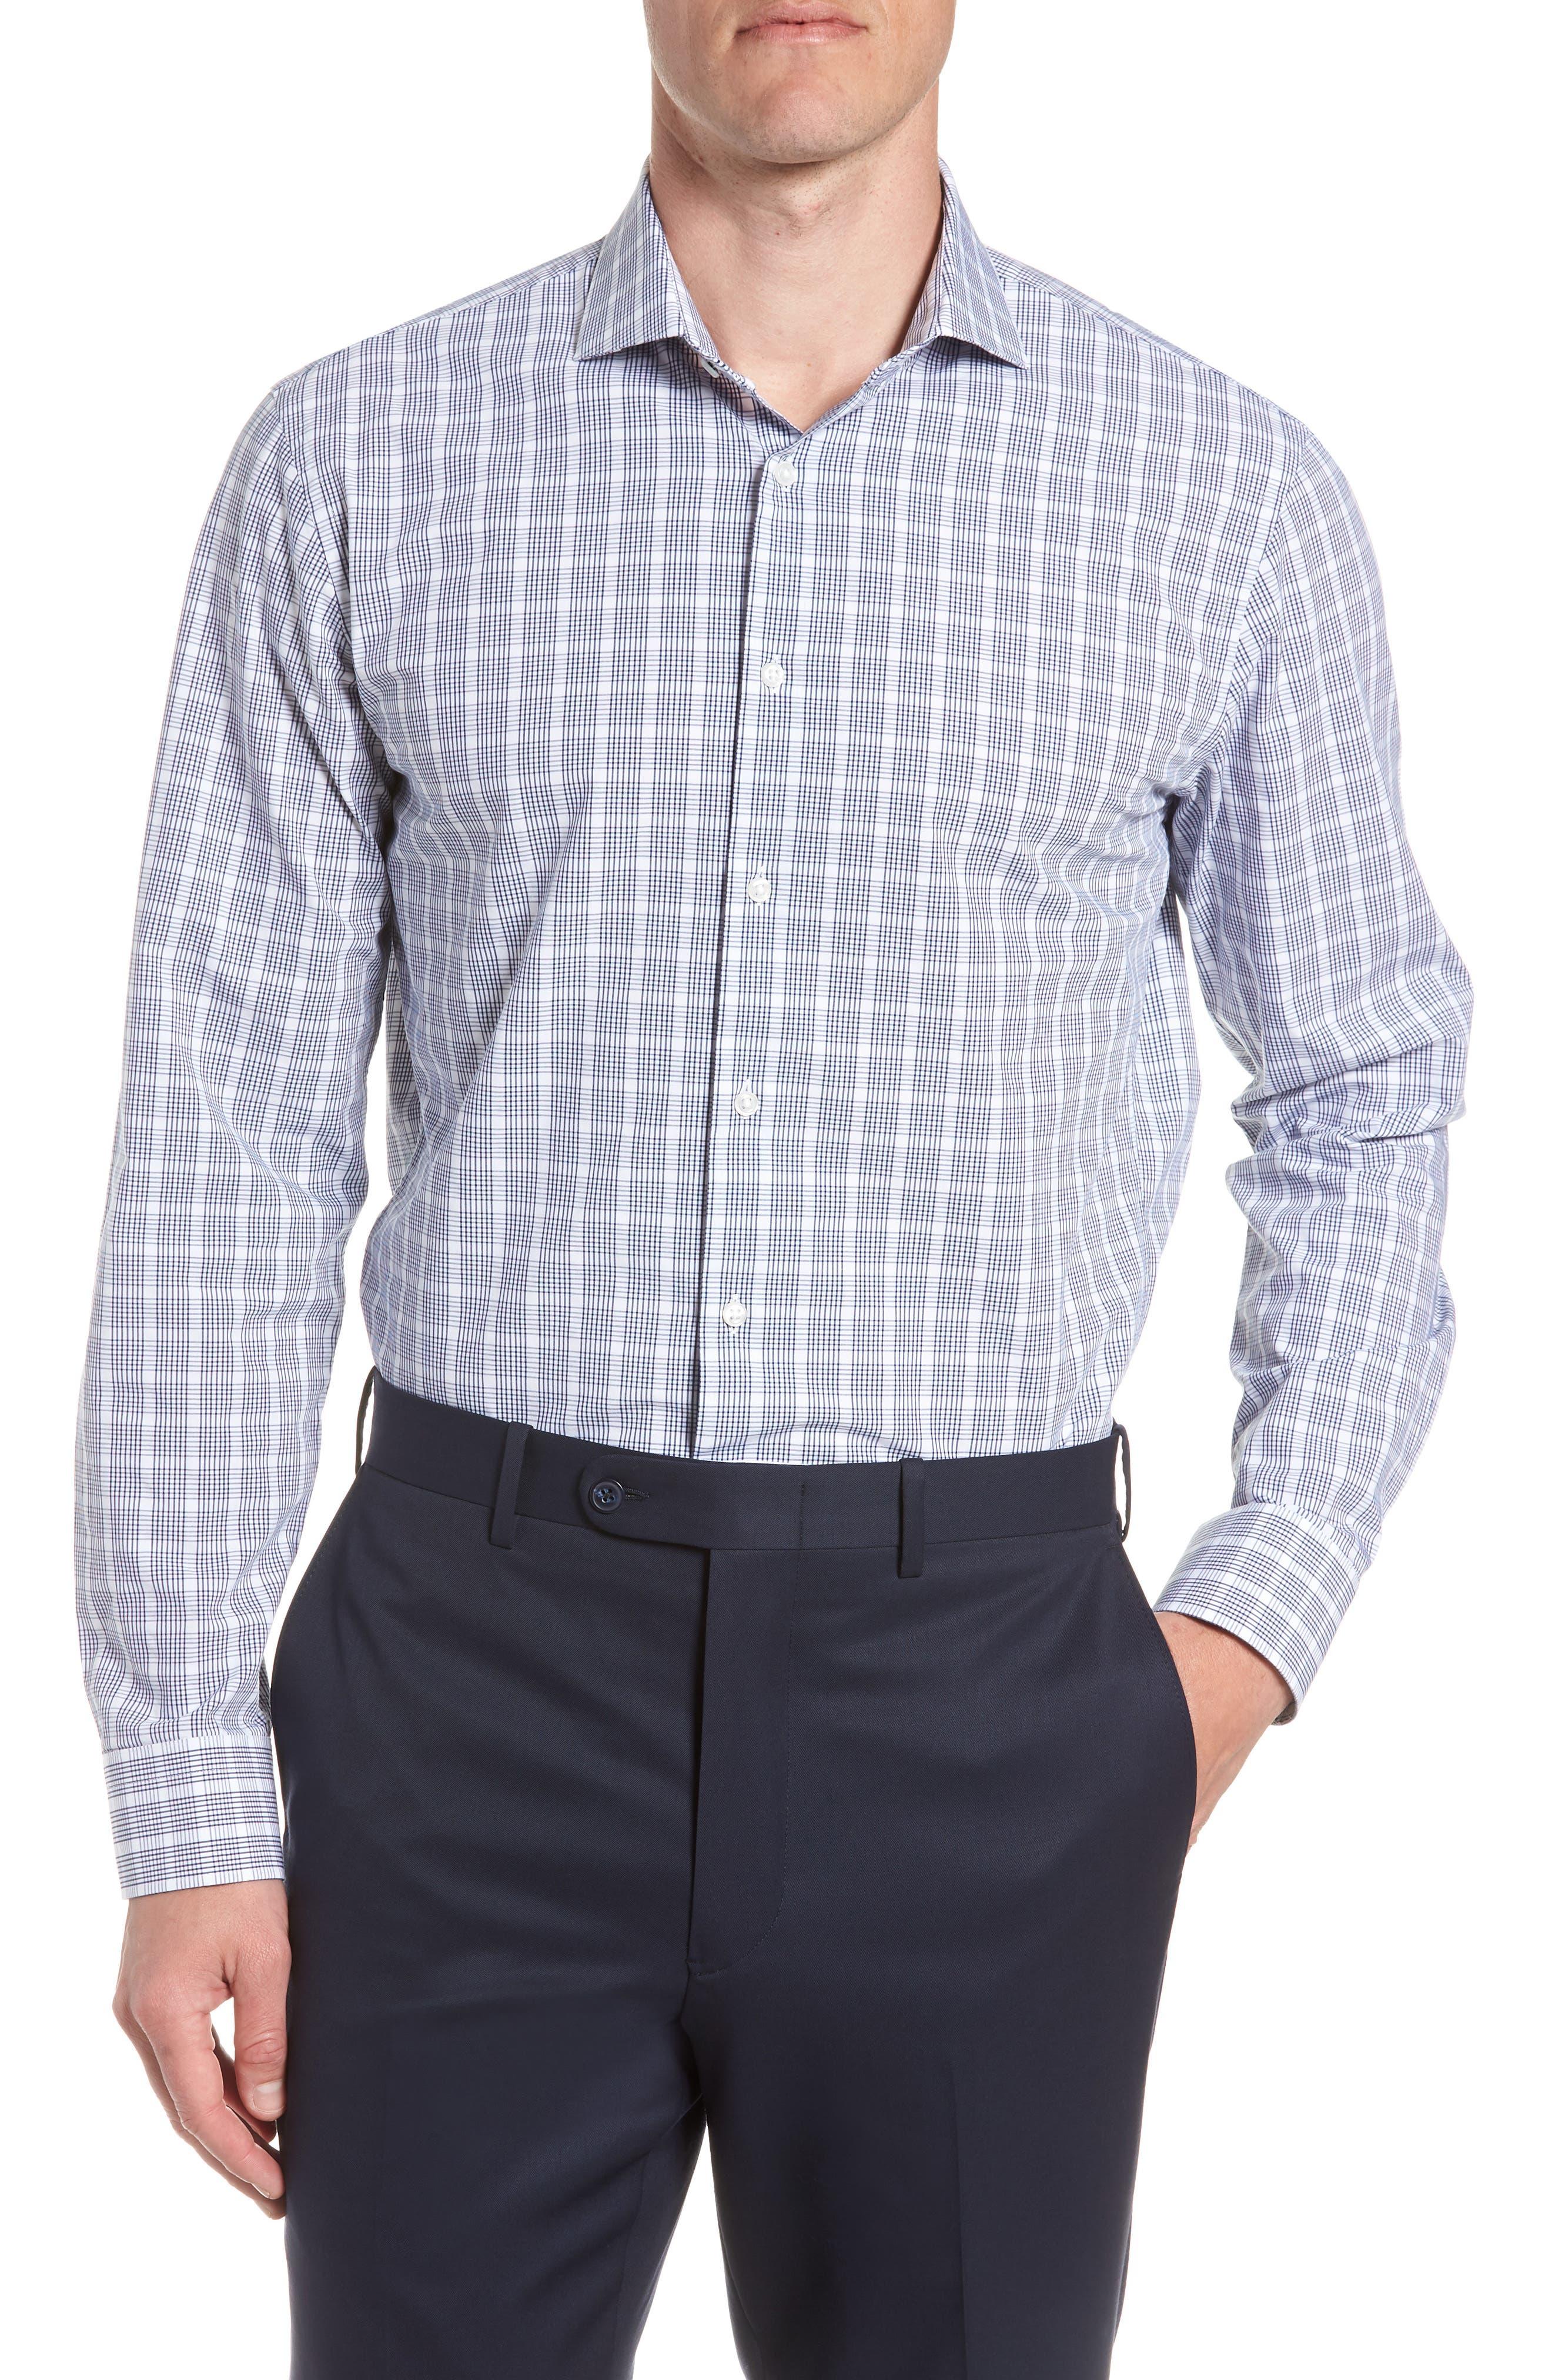 Tech-Smart Trim Fit Plaid Dress Shirt,                             Main thumbnail 1, color,                             410